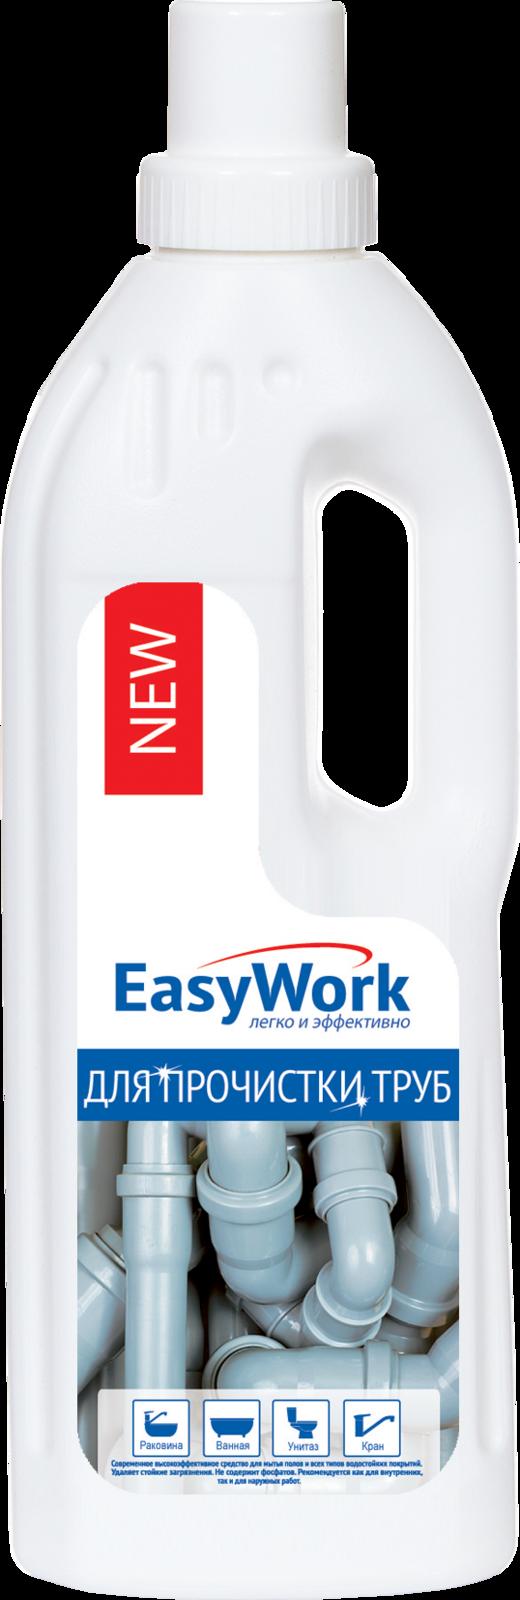 Средство для прочистки труб EasyWork, 303477, 750 мл трос для прочистки канализационных труб 5 5 мм х 3 м